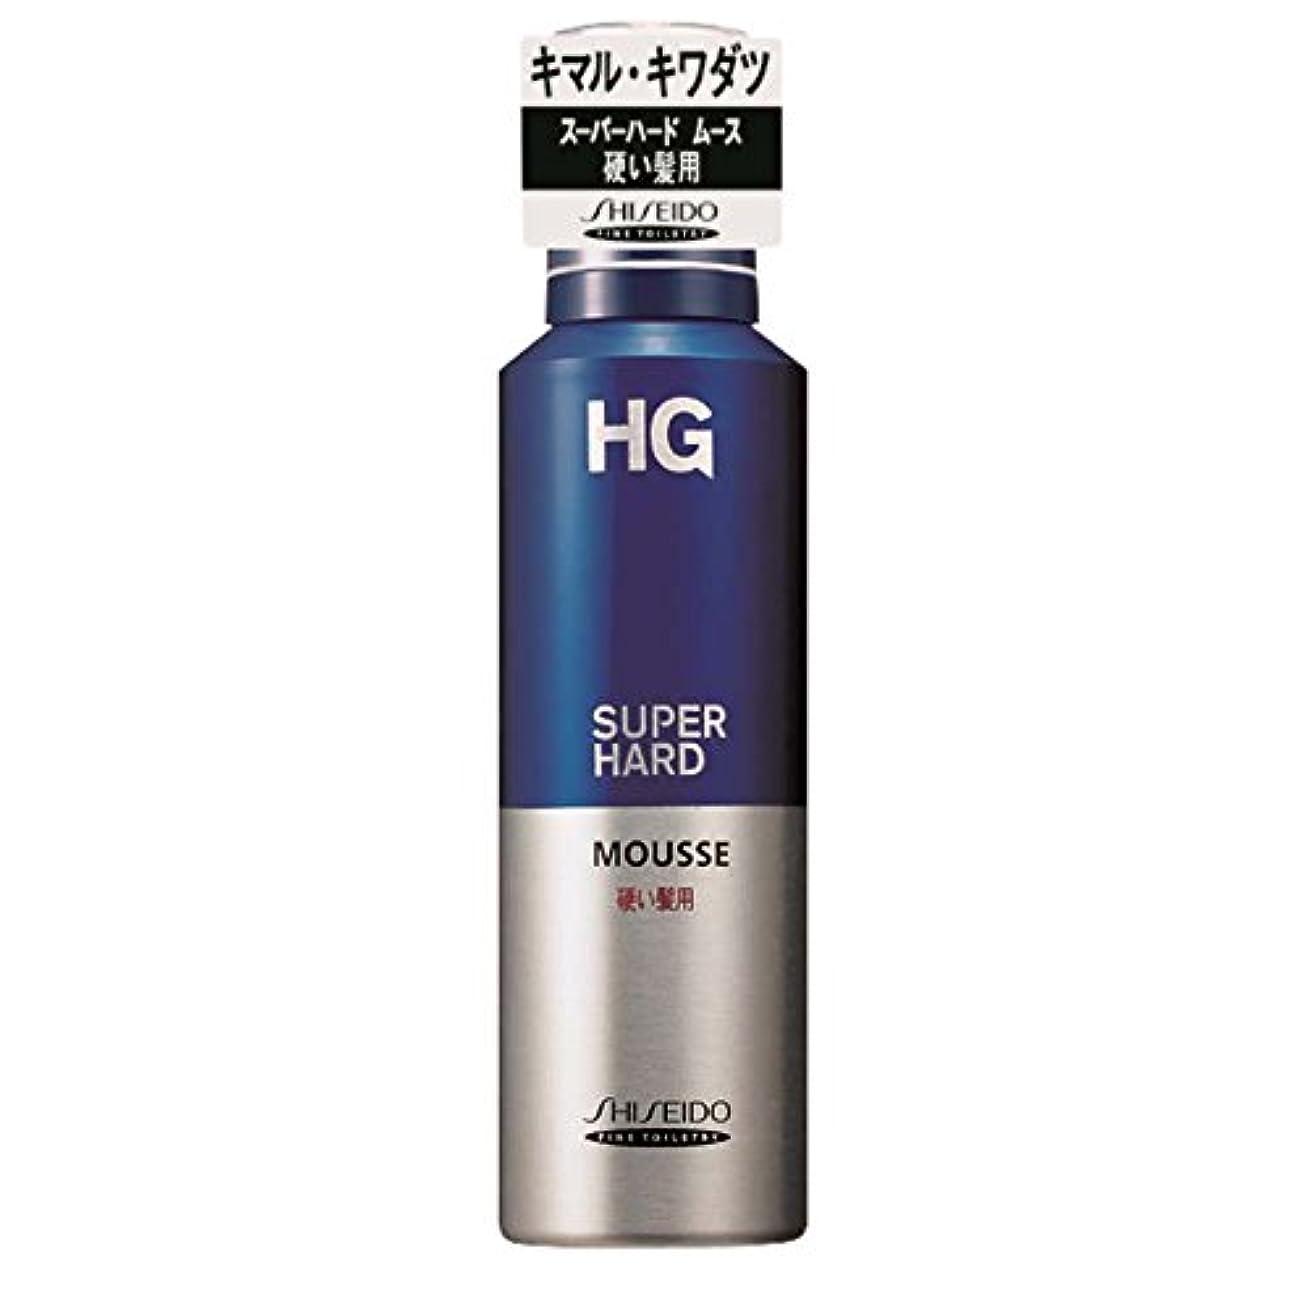 分泌する偏心ロック解除HG スーパーハード ムース 硬い髪用 180g